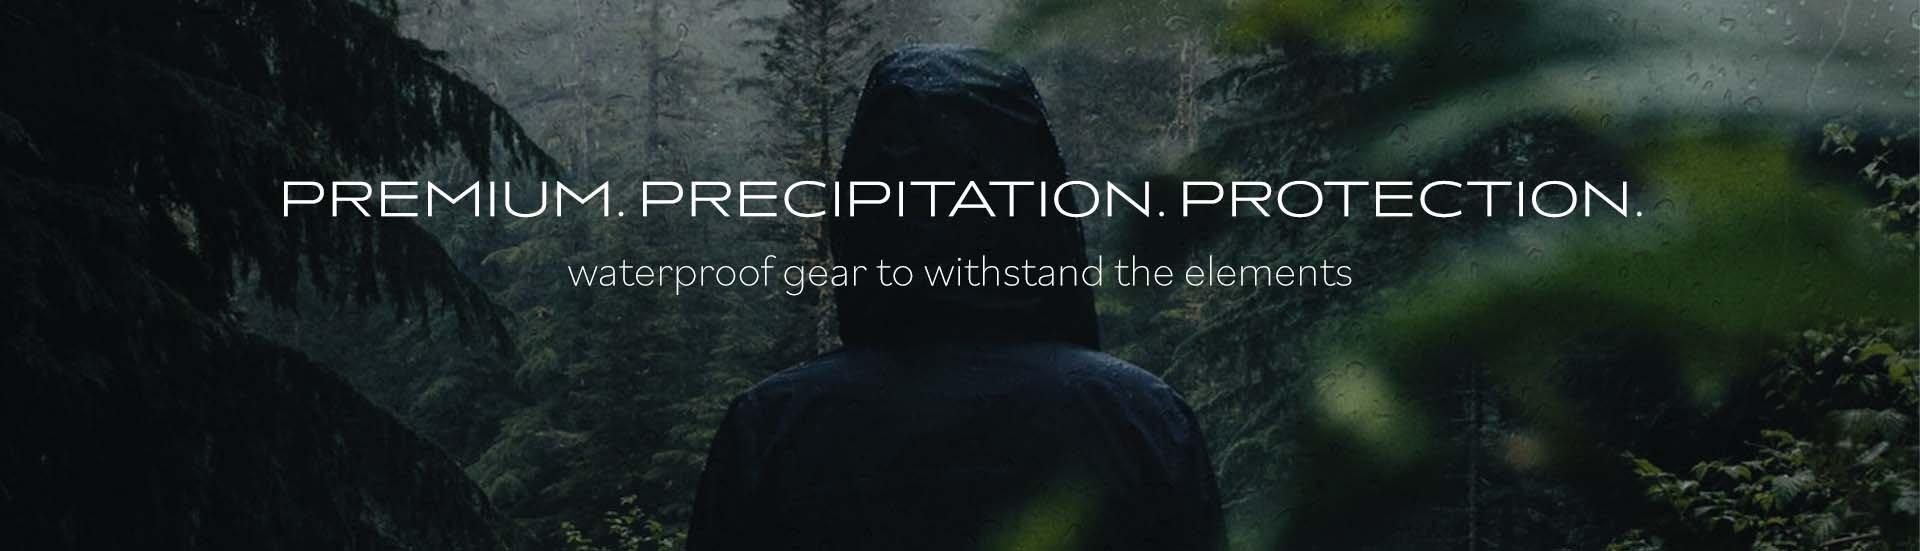 Shop Waterproof Gear